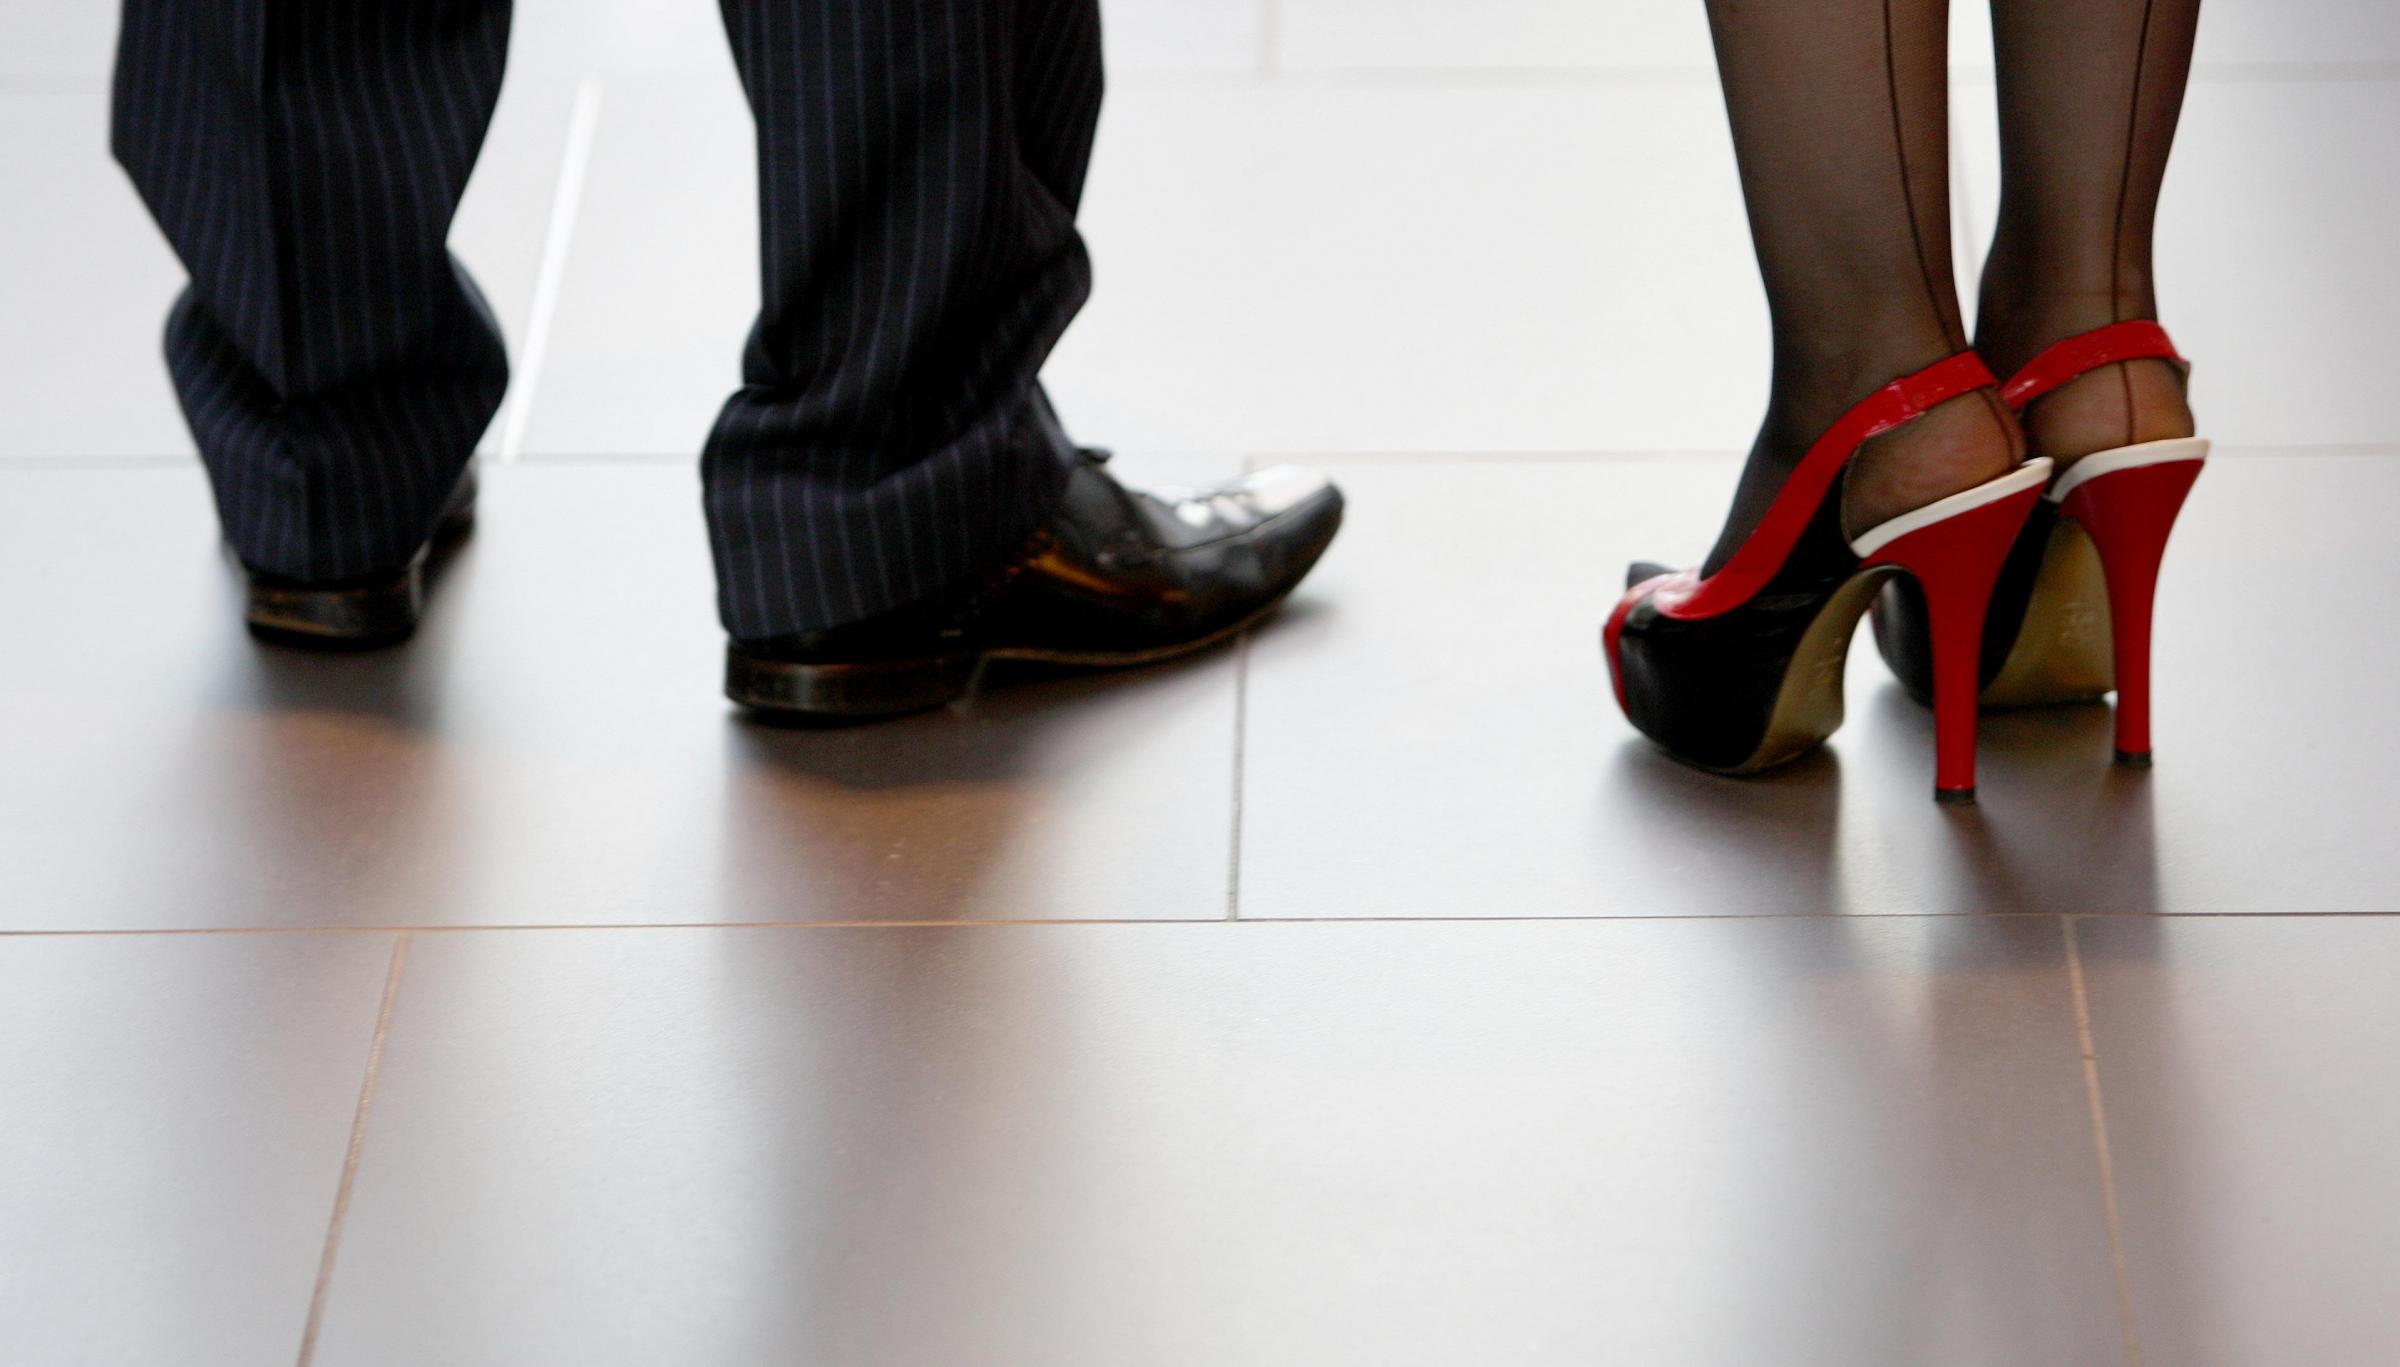 Dress-code sul lavoro: in Canada la donna costretta ad indossare i tacchi potrà fare ricorso